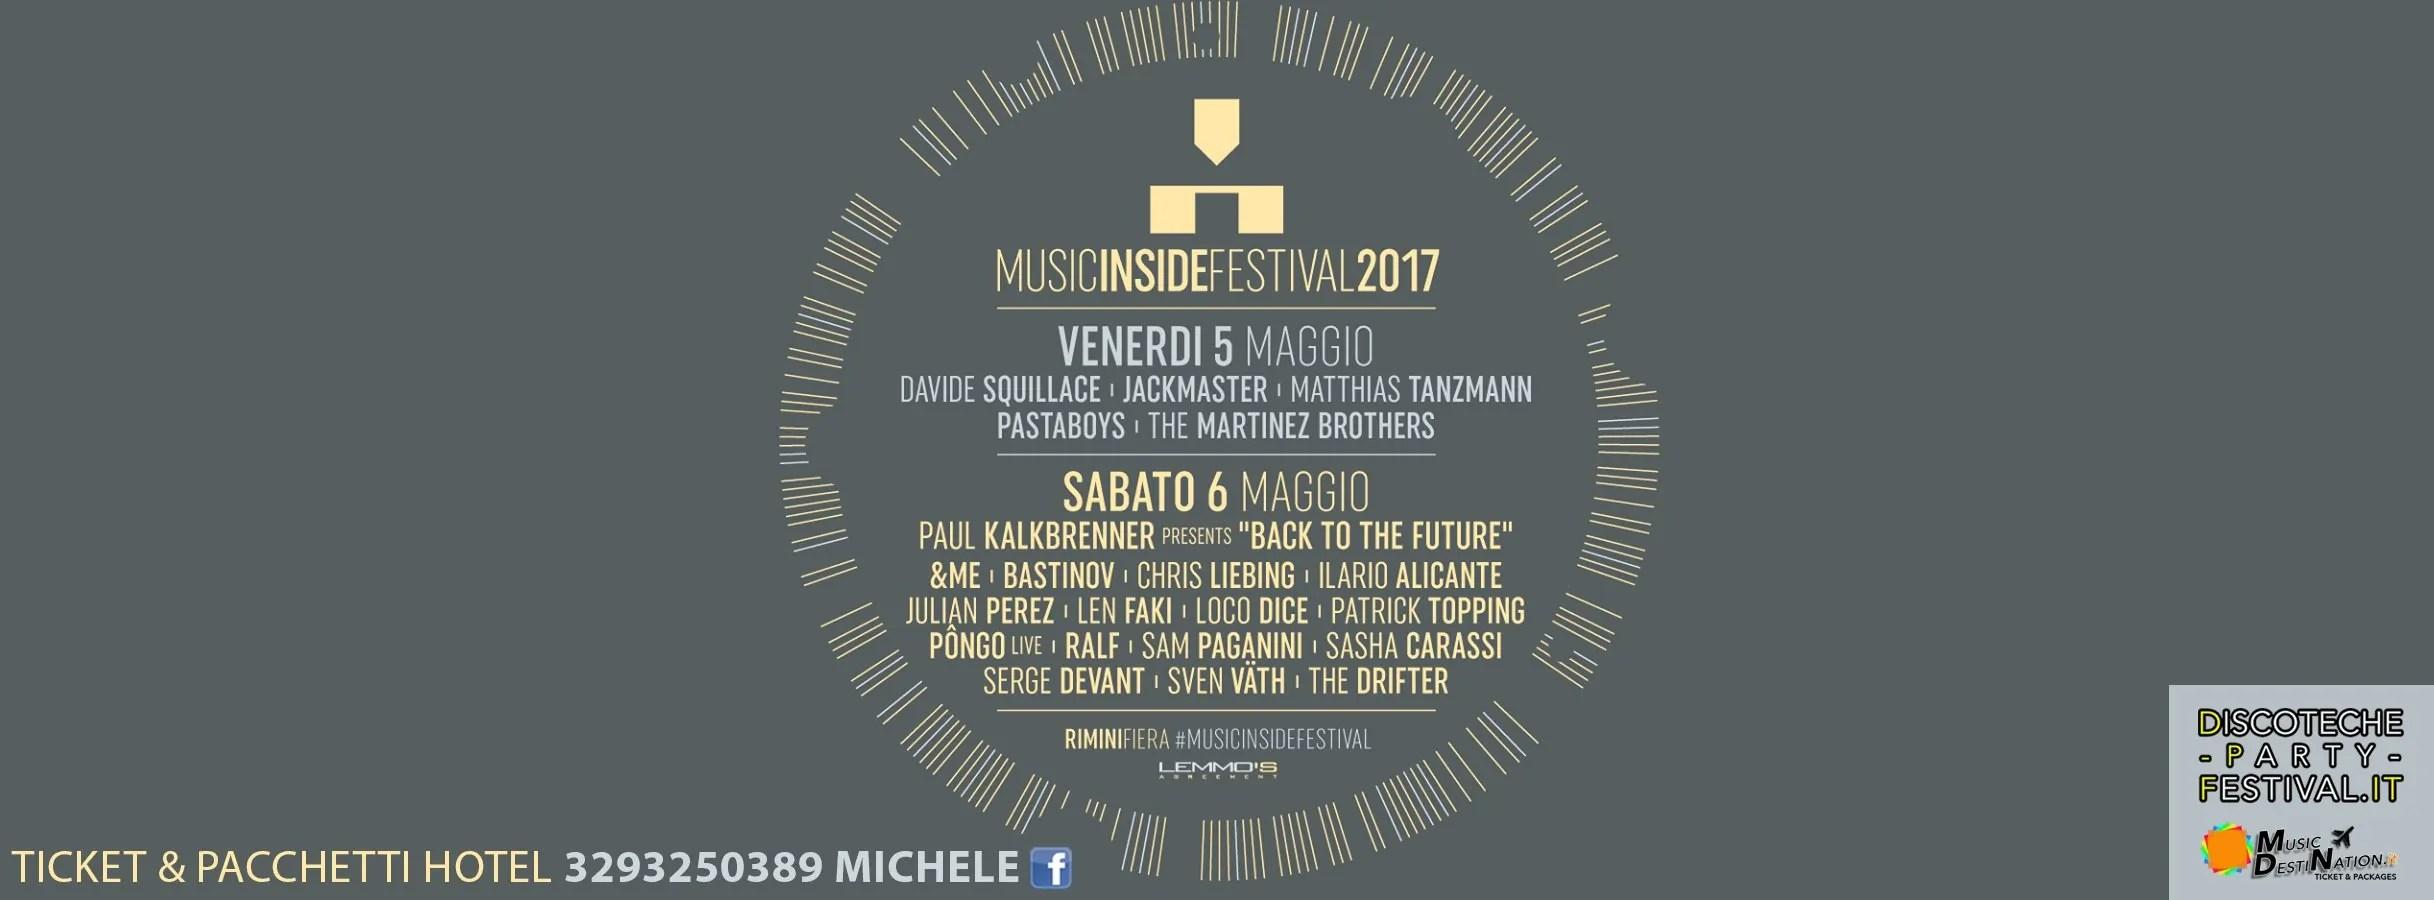 MUSIC INSIDE FESTIVAL RIMINI FIERA 05 e 06 MAGGIO 2017 MIF PREZZI BIGLIETTI PACCHETTI HOTEL